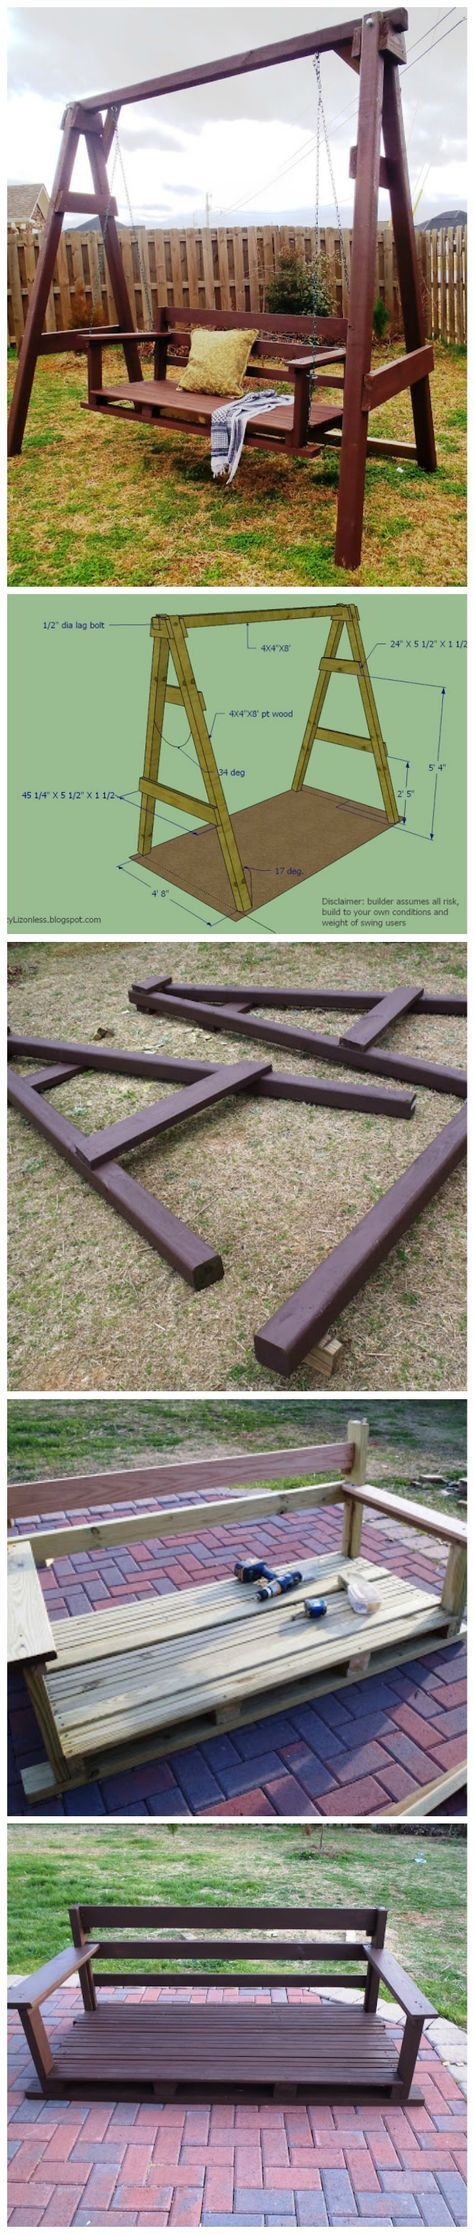 A faire à la place de l'ancienne balançoire : How To Build A Backyard Swing Set